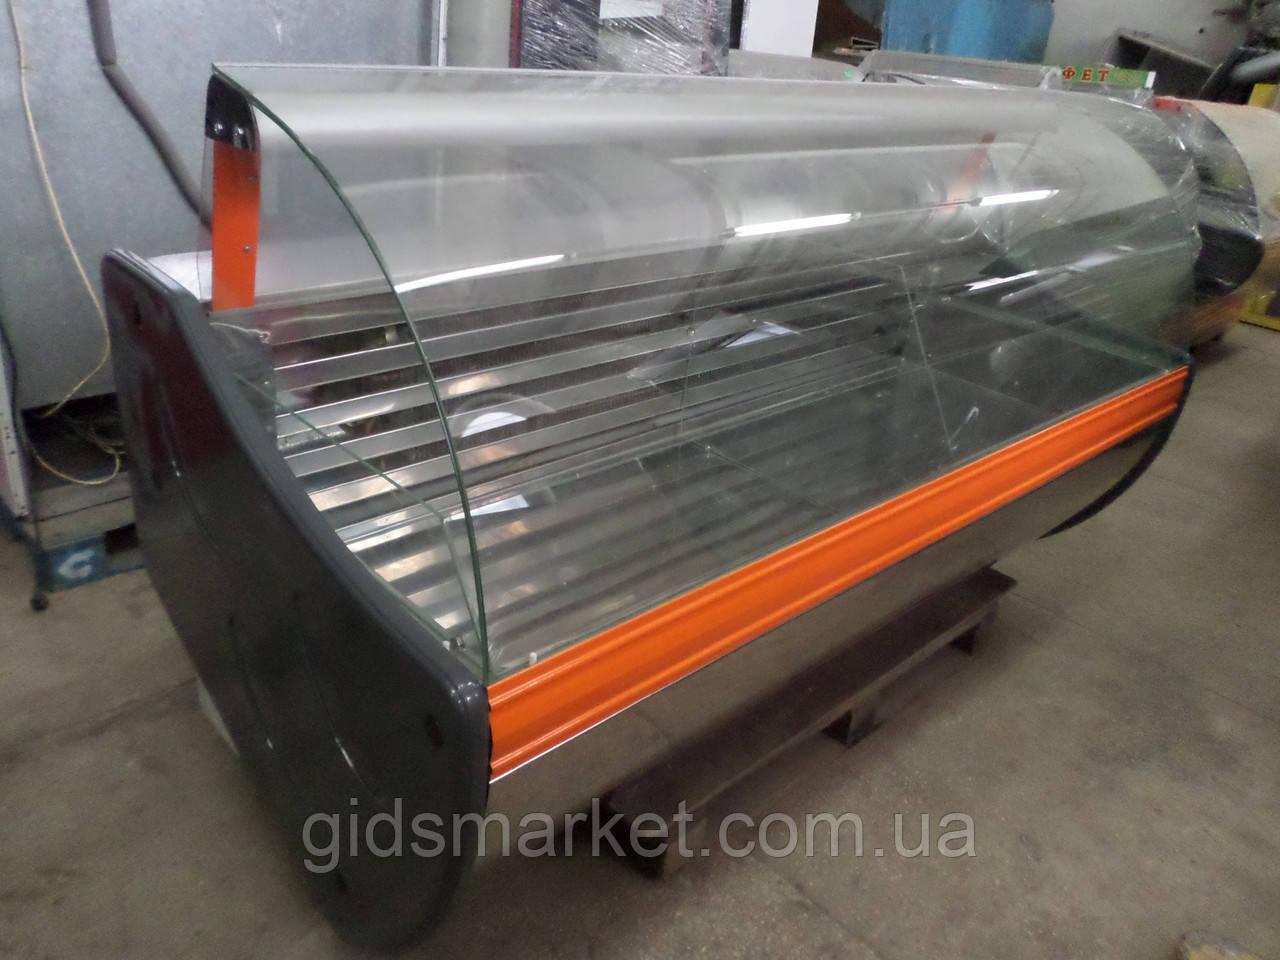 Витрина морозильная Технохолод 2 м., витрина универсальная бу